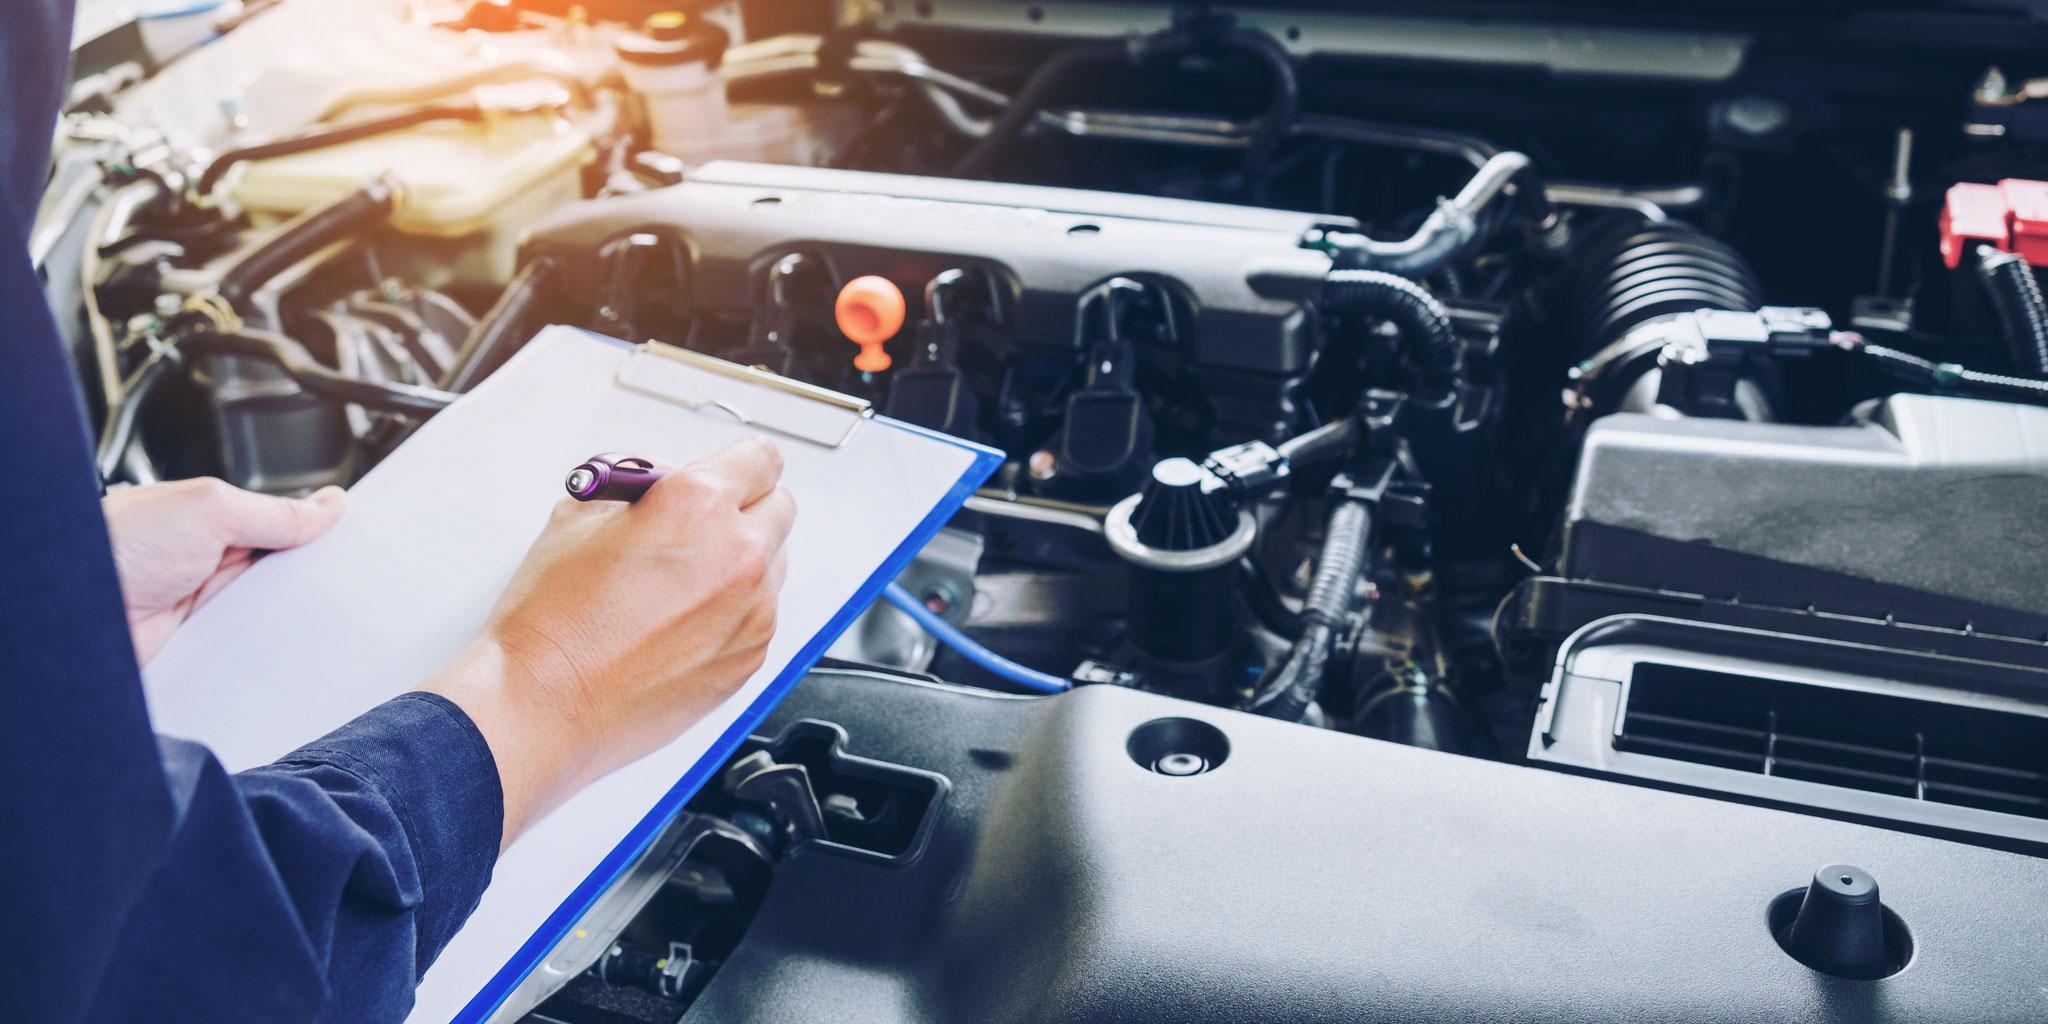 INSPEKTION - Steht eine Inspektion für Ihr Auto an?